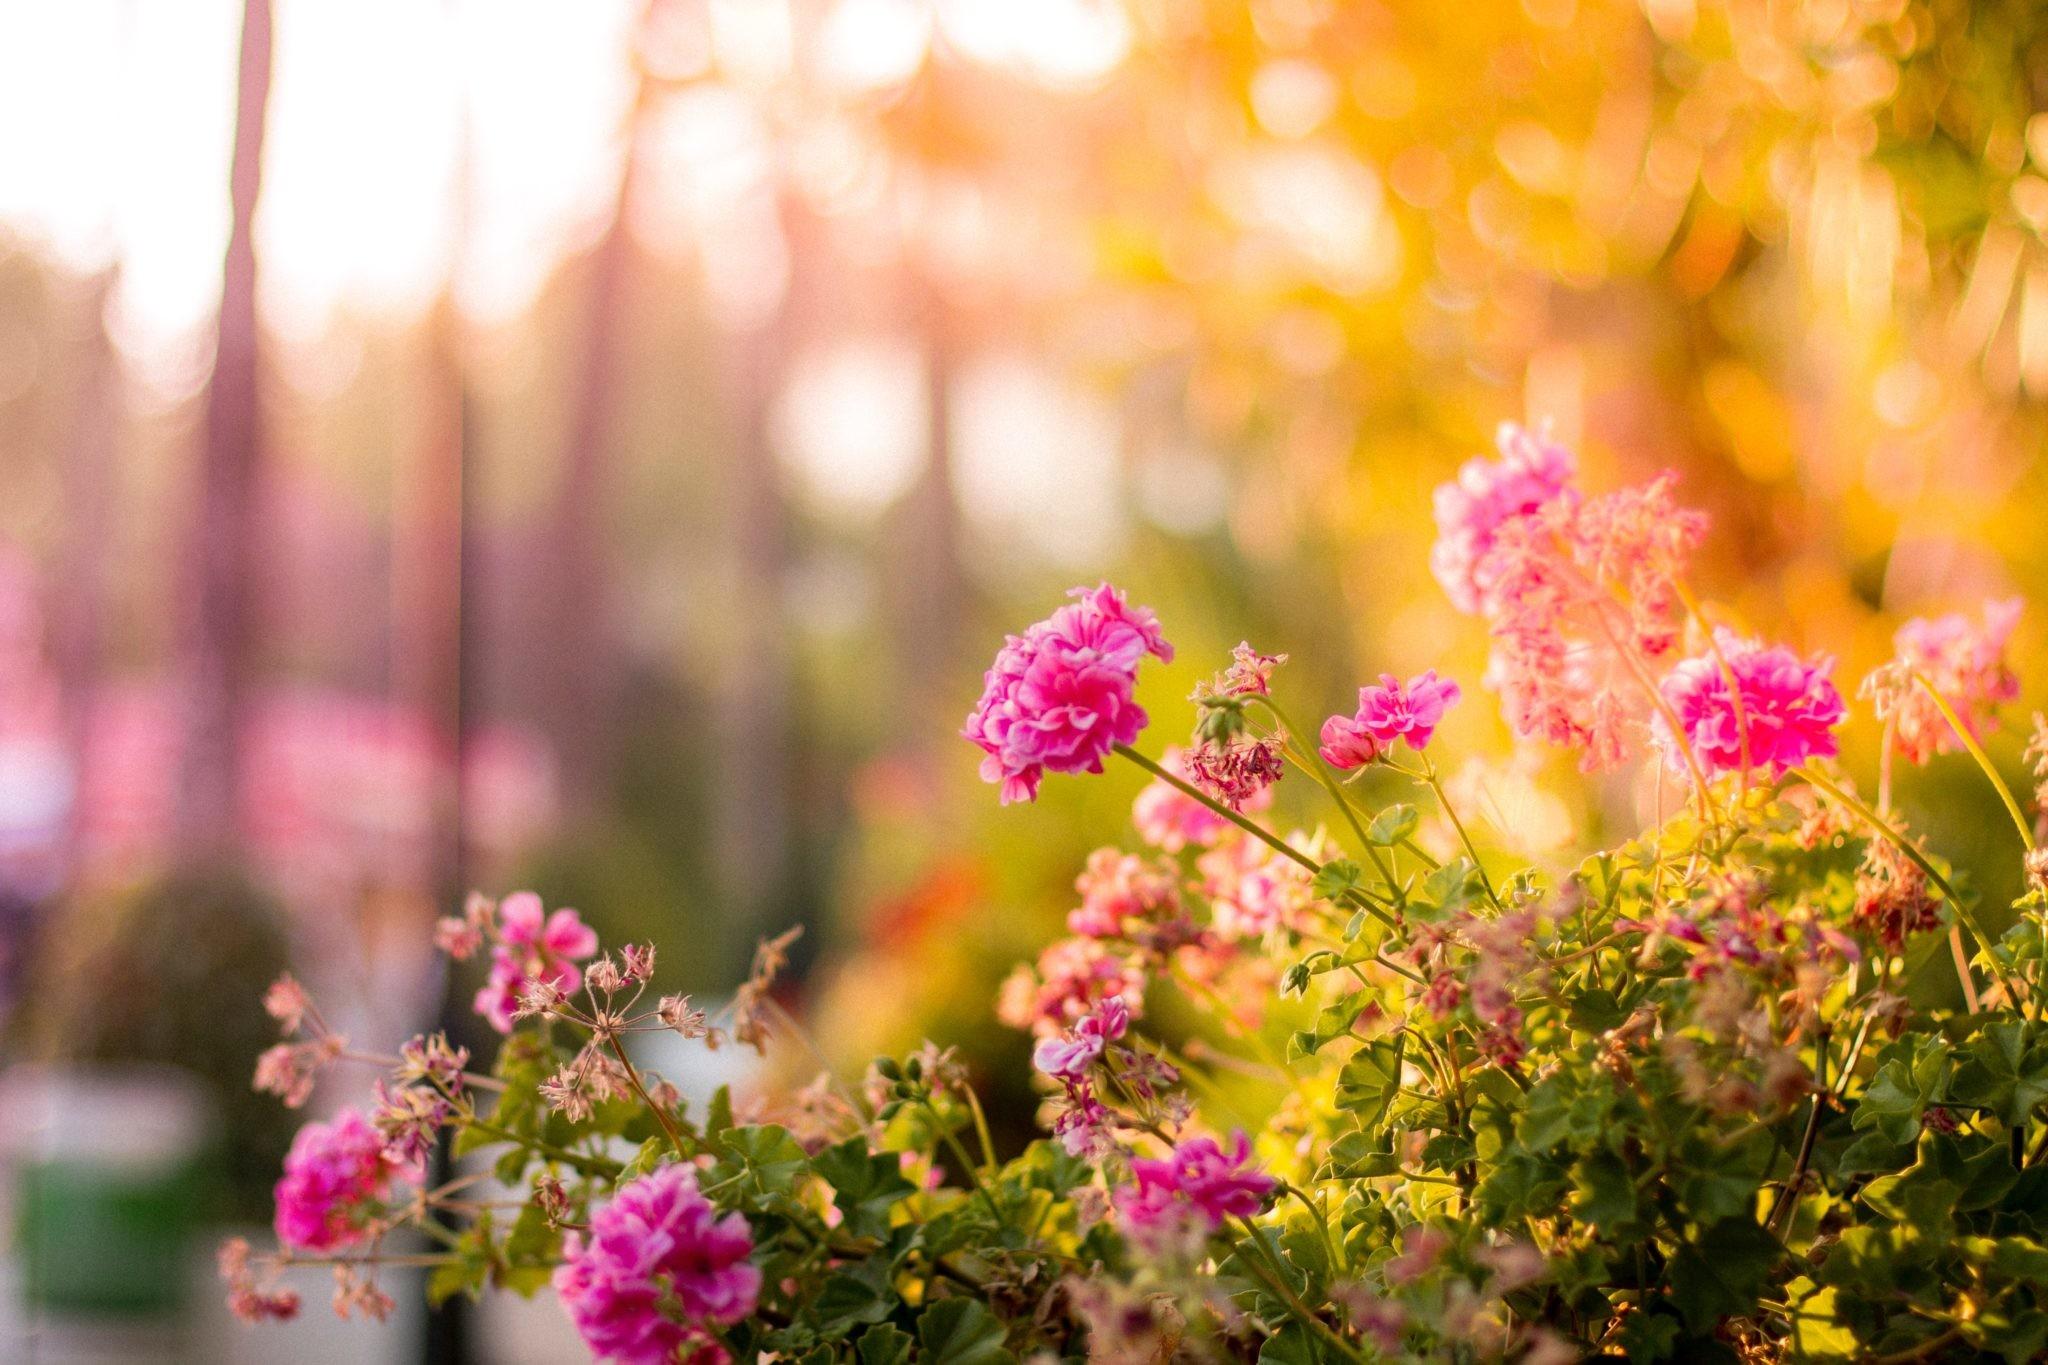 Простые и необычные идеи, как вырастить урожай на даче